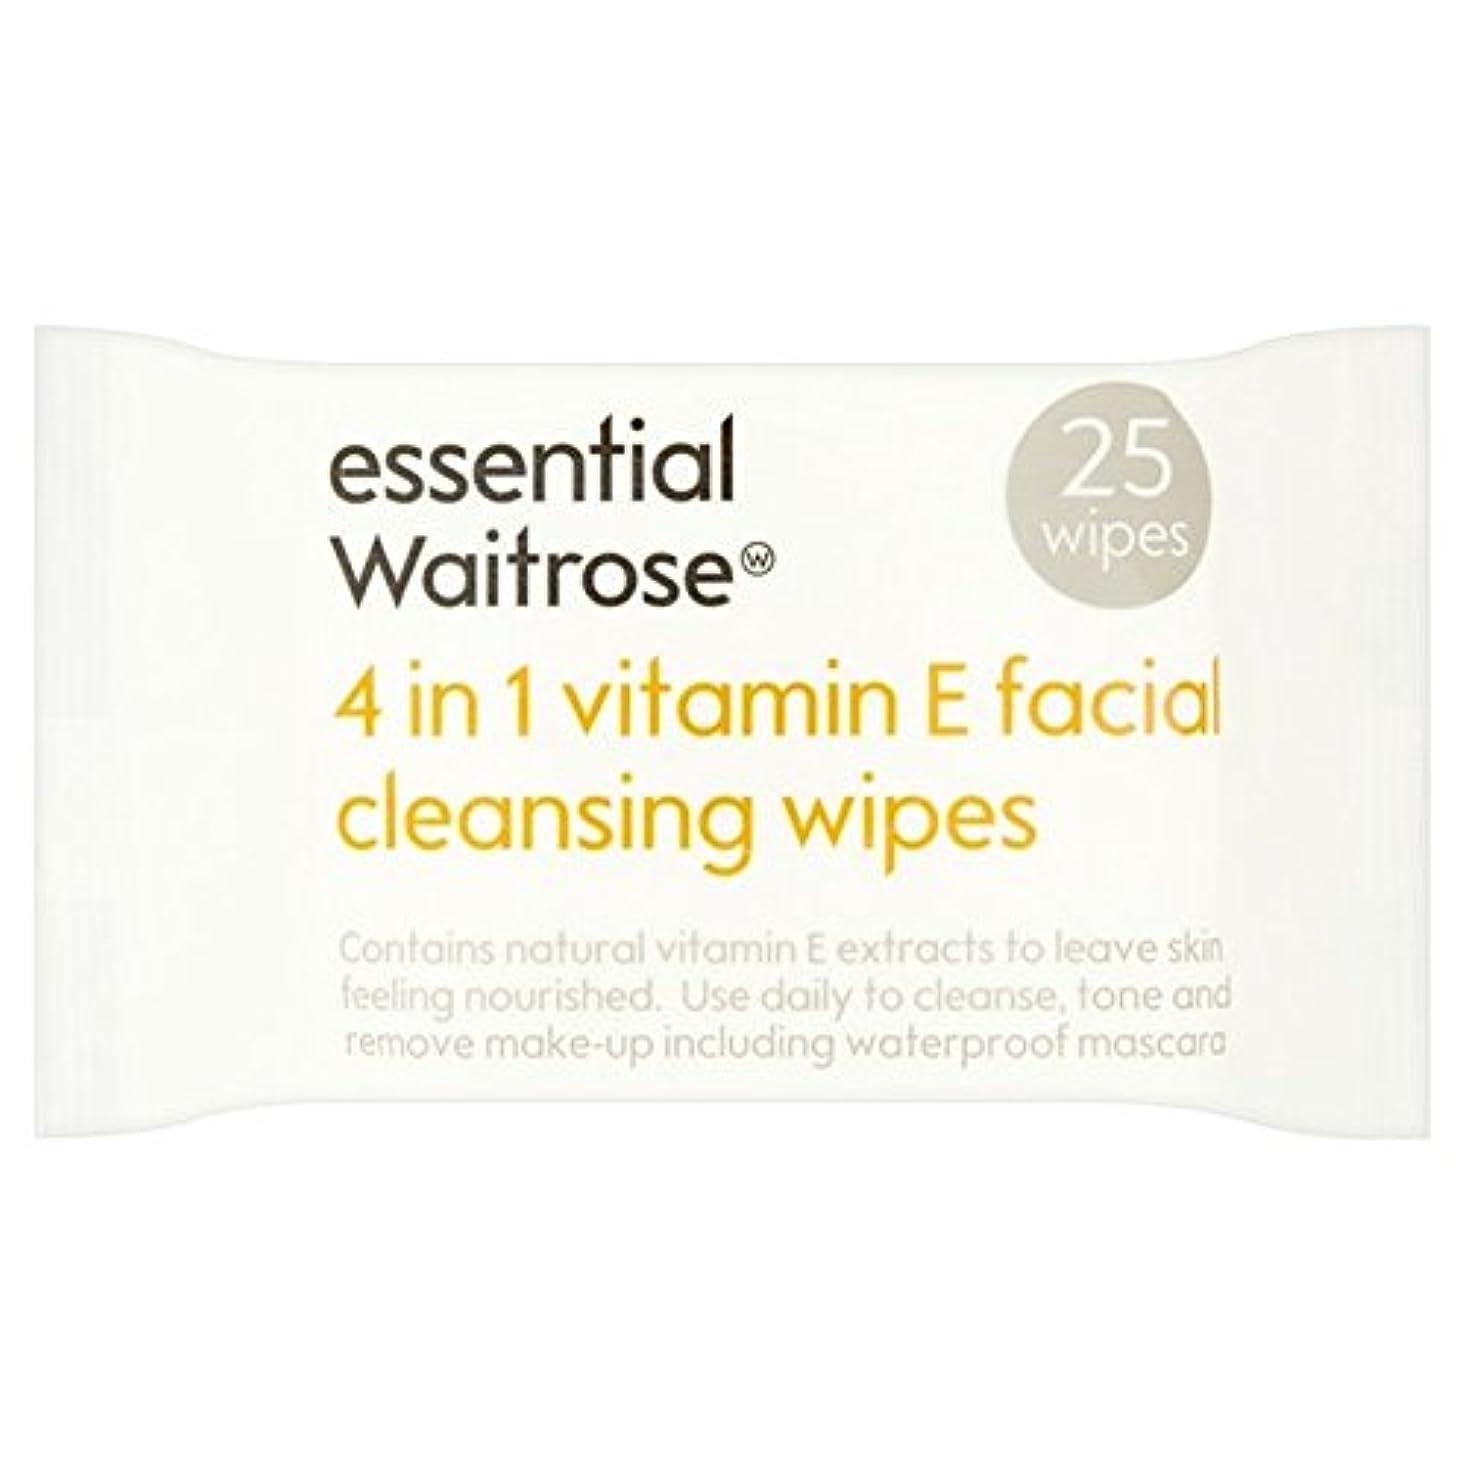 余裕がある第二に突破口1つのクレンジングで4不可欠パックあたりのビタミンウェイトローズ25ワイプ x4 - Essential 4 in 1 Cleansing Wipes Vitamin E Waitrose 25 per pack (Pack...